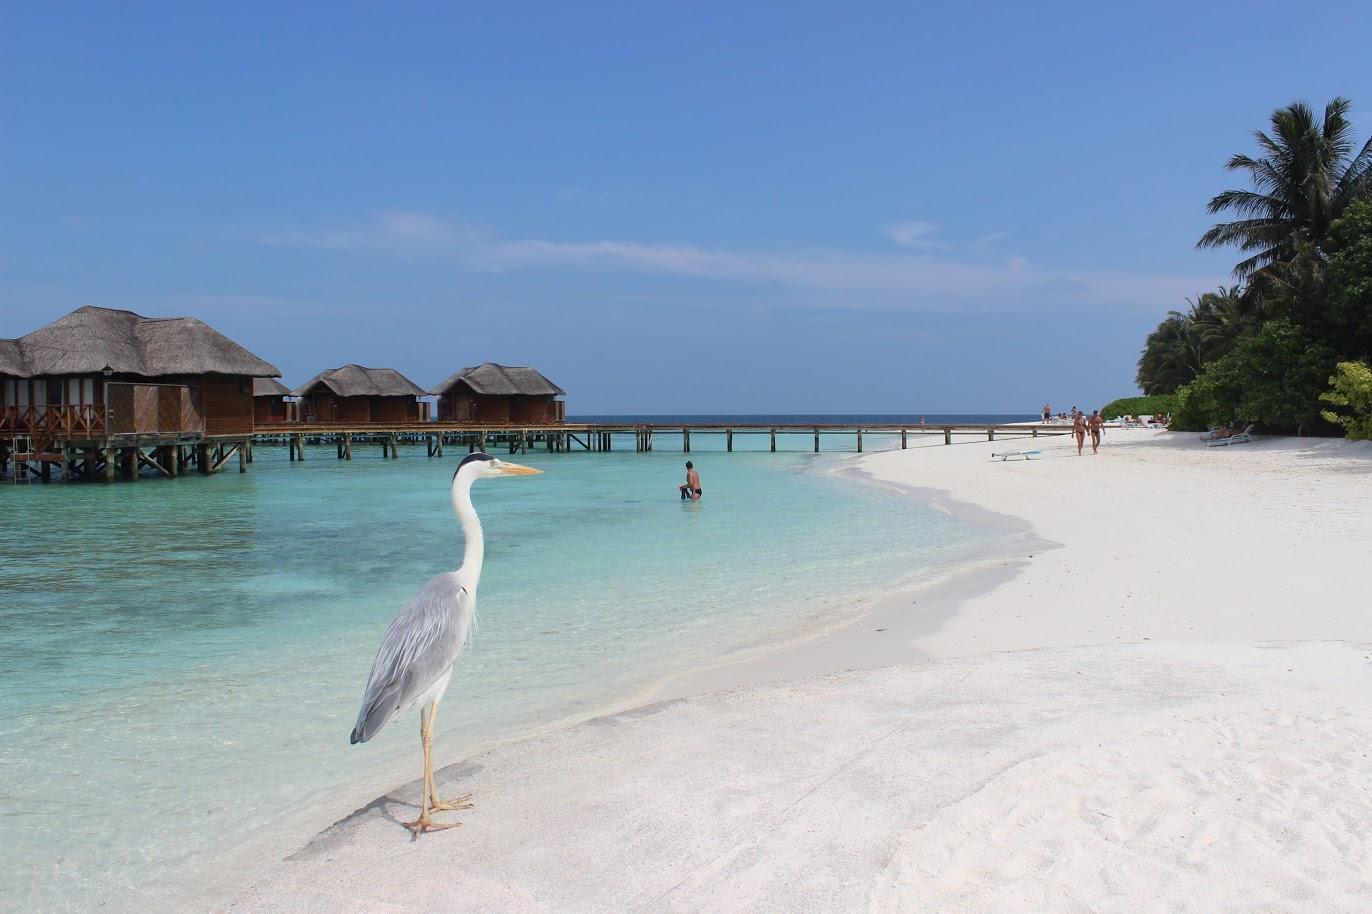 Новы год на Мальдивах!Лучшие цены, прекрасные отели и комфортный перелет рейсами Аэрофлот!